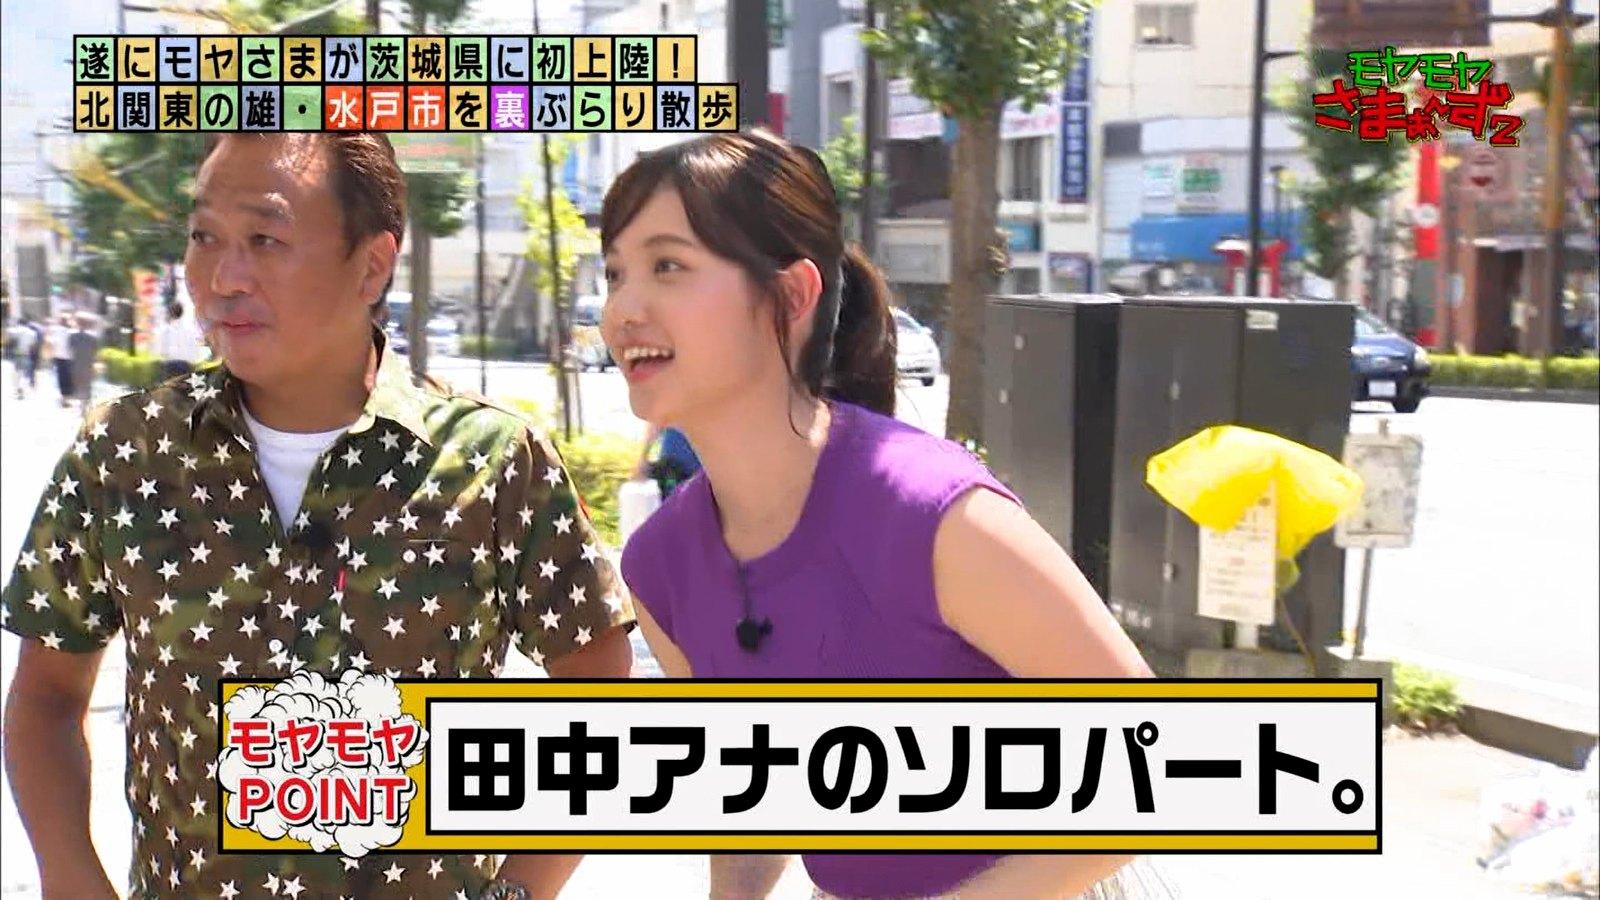 2019年9月22日に放送された「モヤモヤさまぁ~ず2」4代目番組アシスタント・田中瞳さんのテレビキャプチャー画像-077